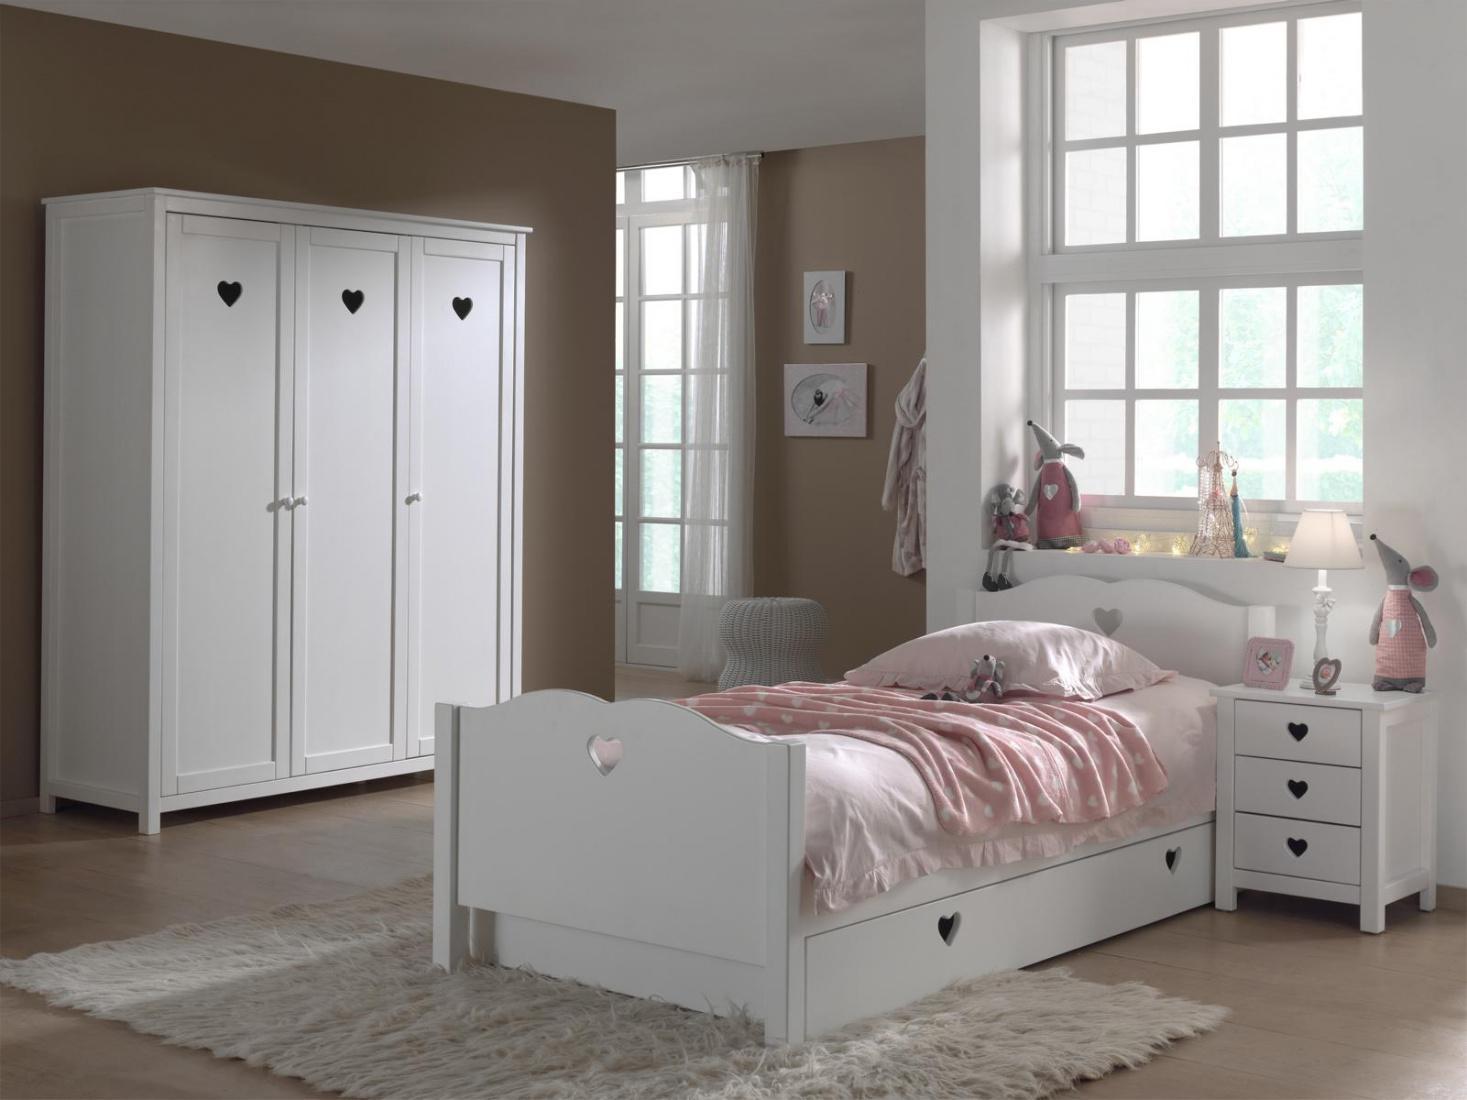 Jugendzimmer komplett weiß  Jugendzimmer komplett Albin 4- teilig in Weiß MDF - Kaufen bei Möbel-Lux